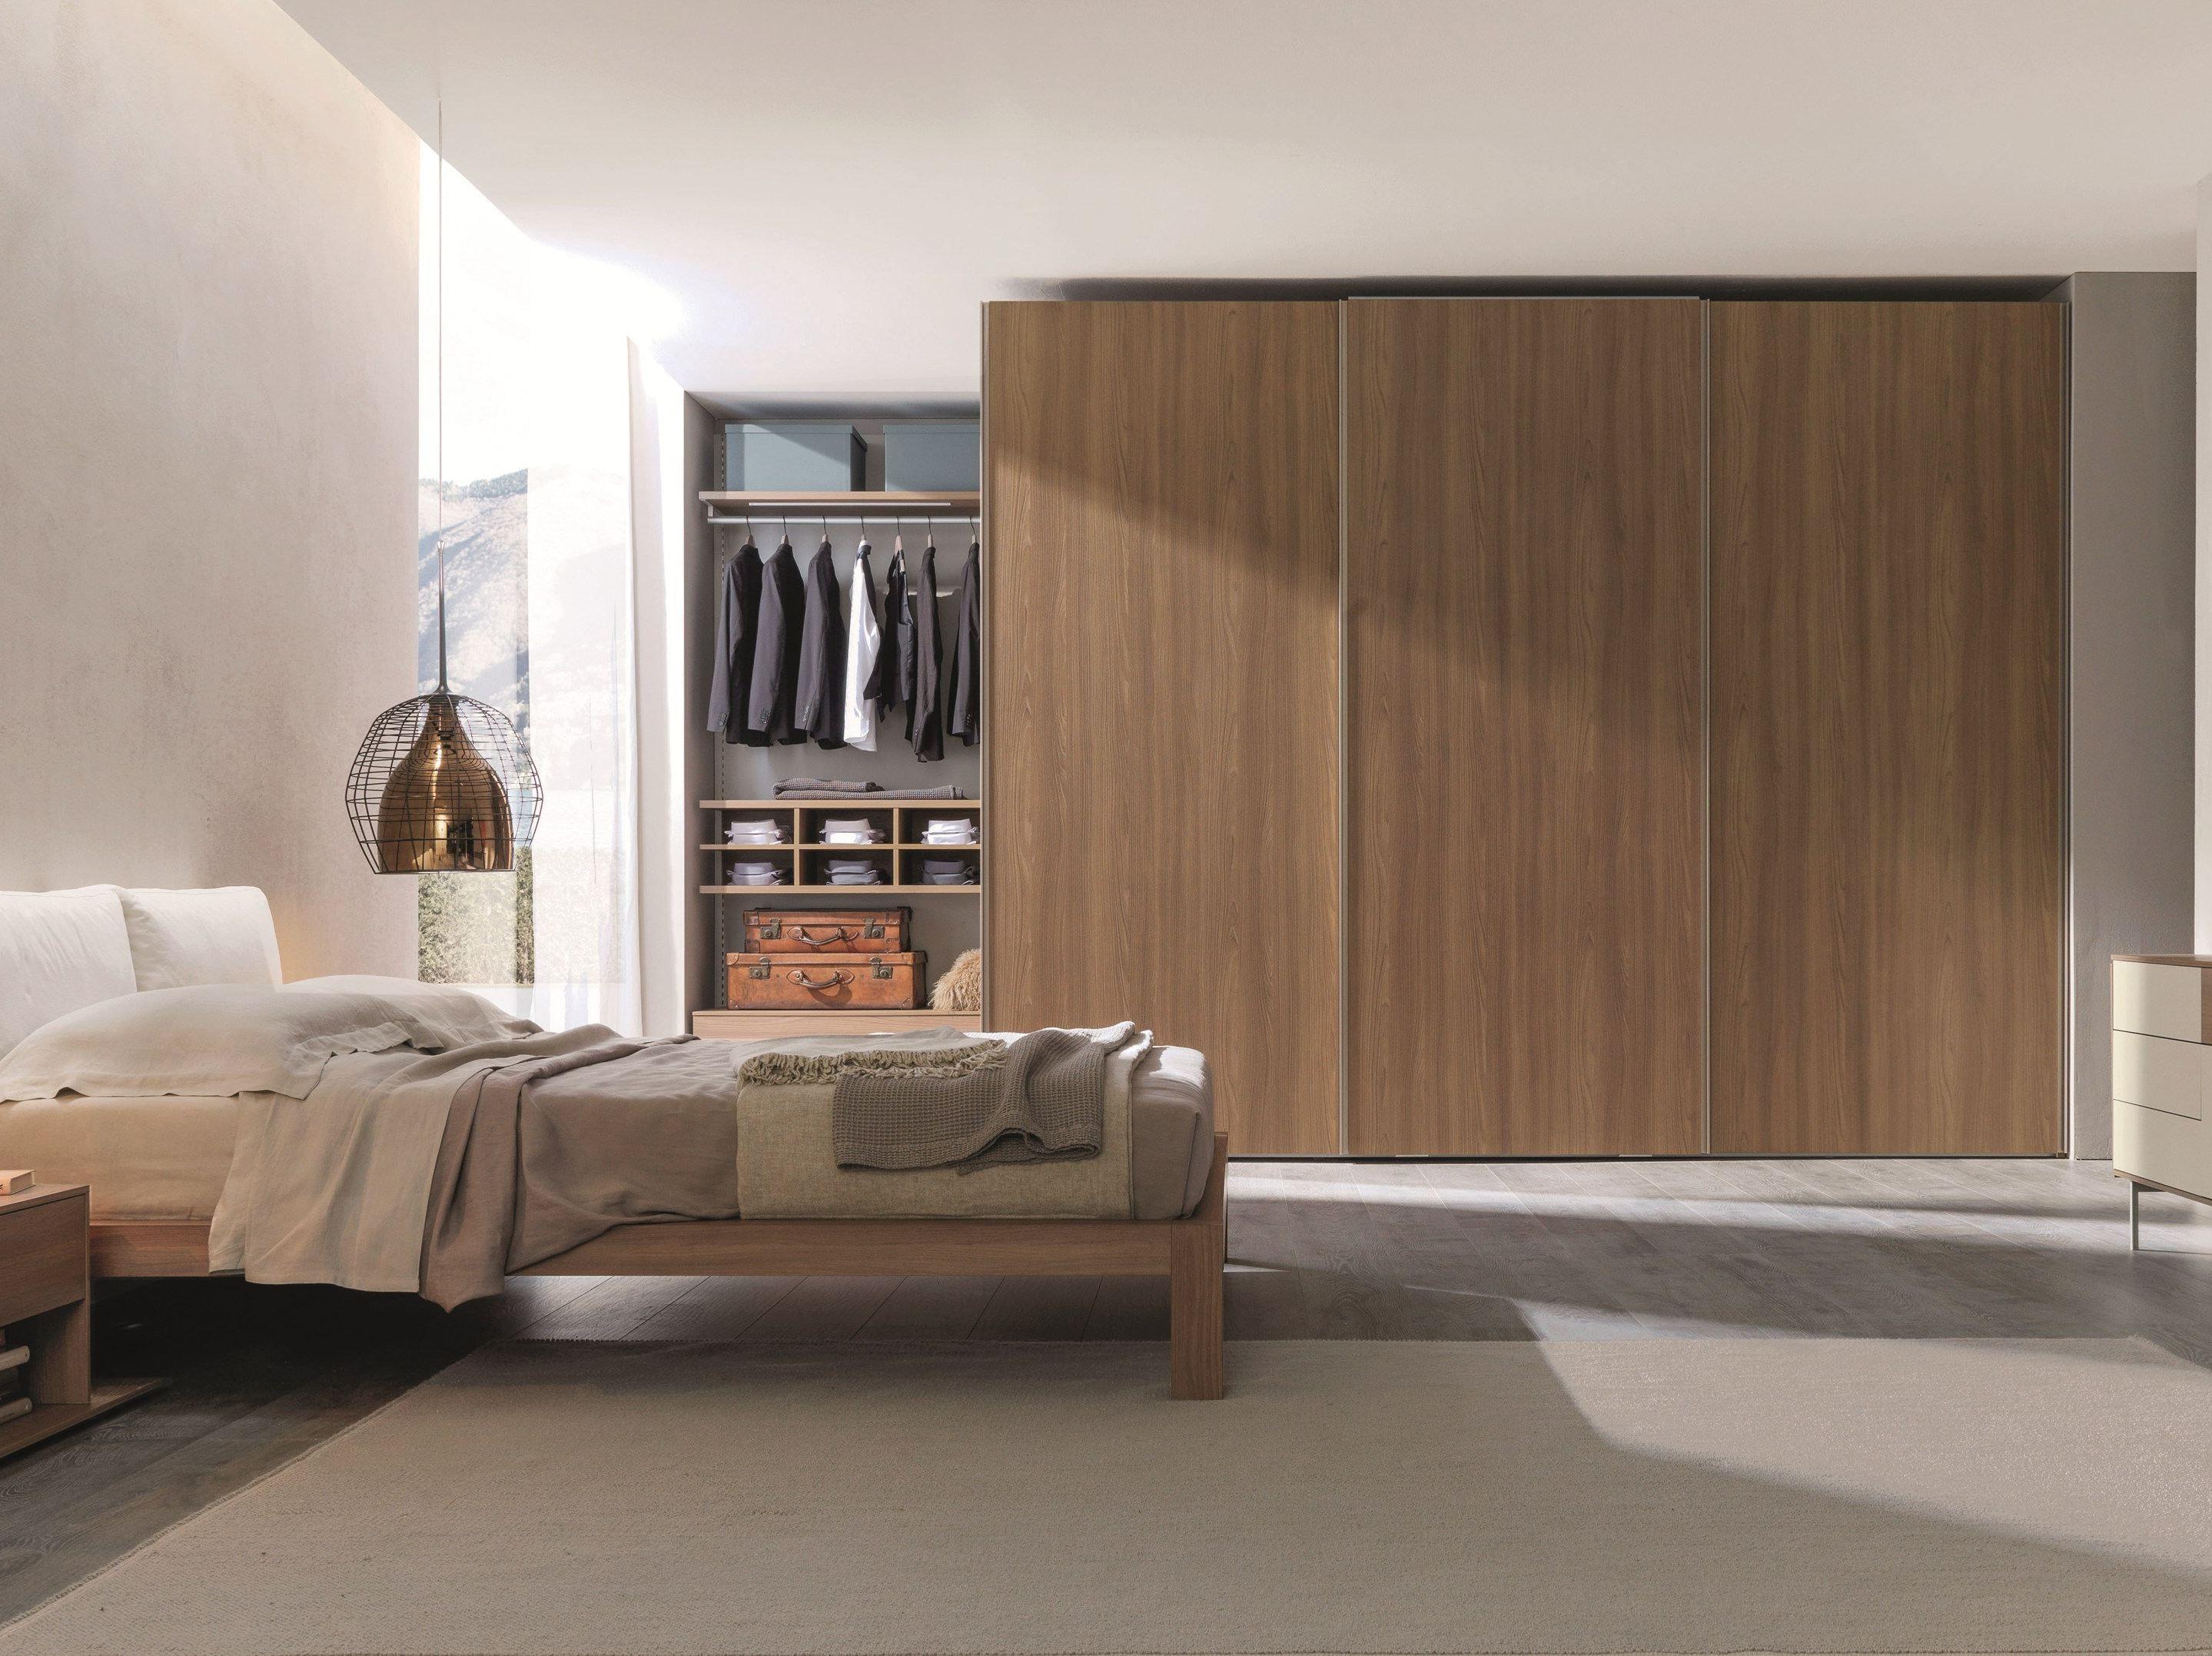 Camere da letto complete in legno | Archiproducts